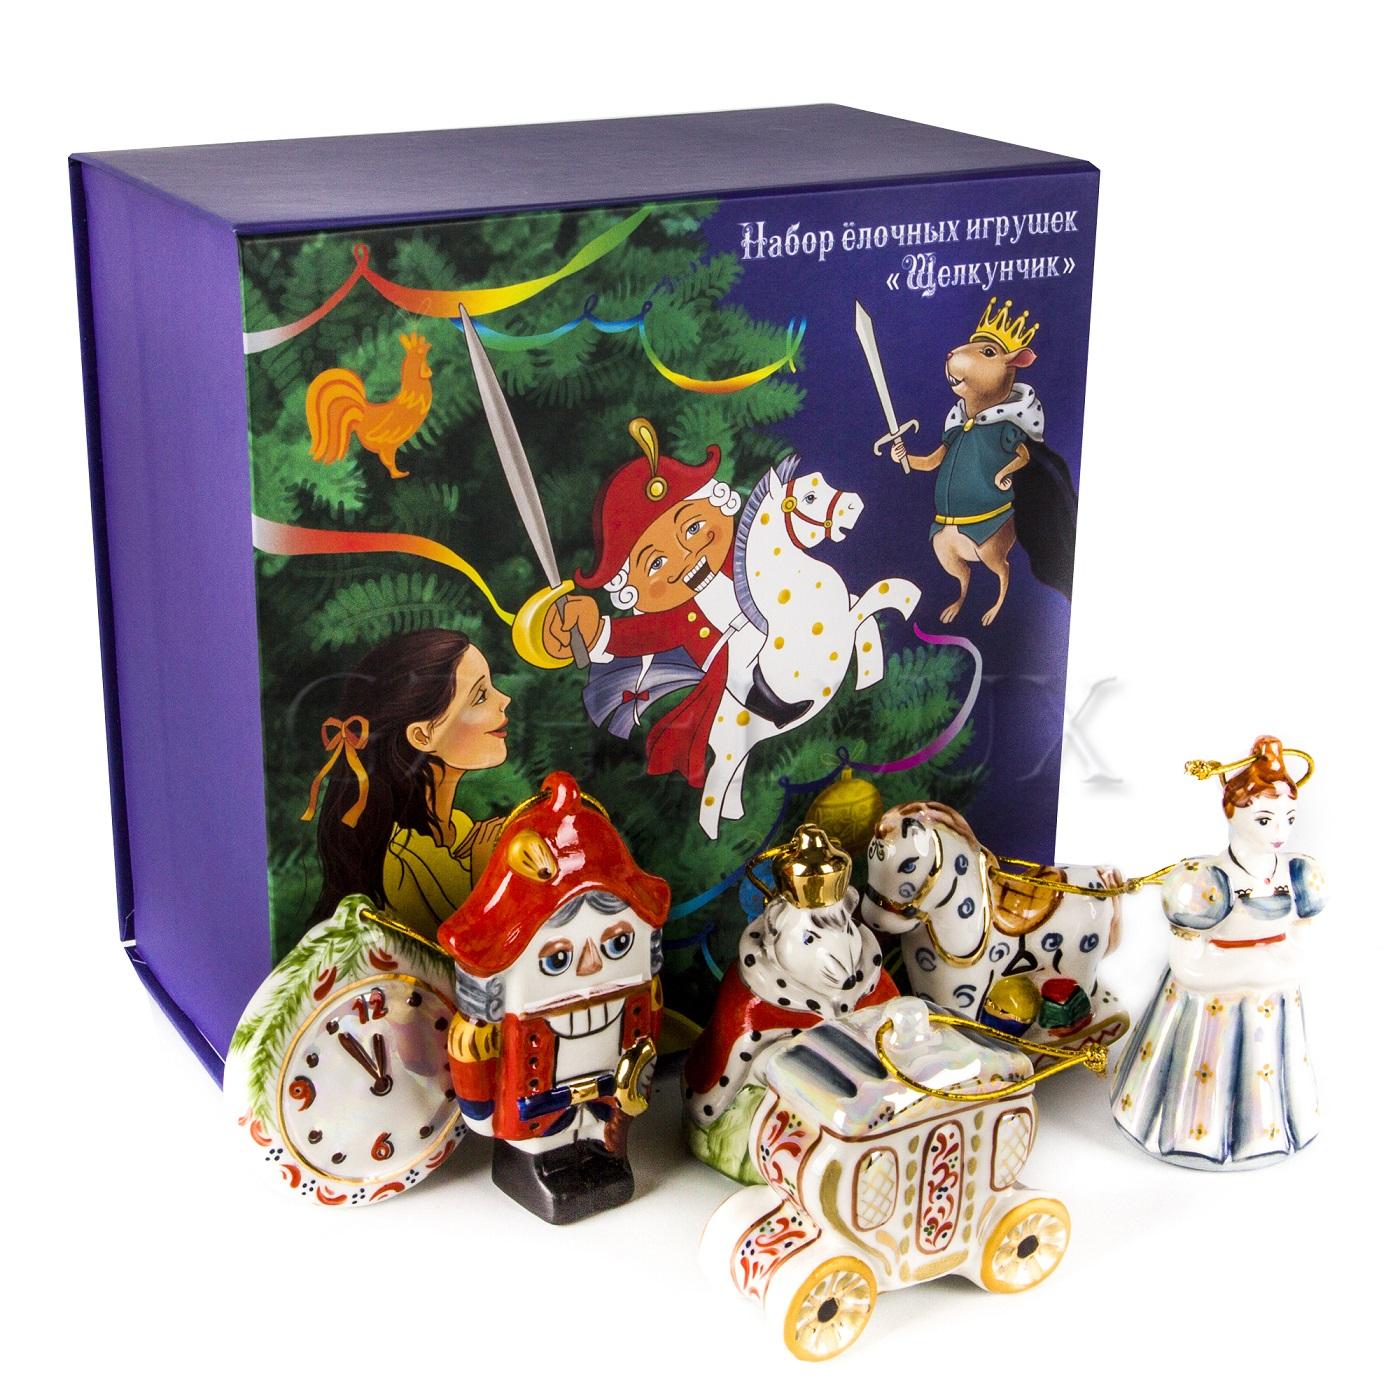 Набор ёлочных игрушек «Щелкунчик» в красках